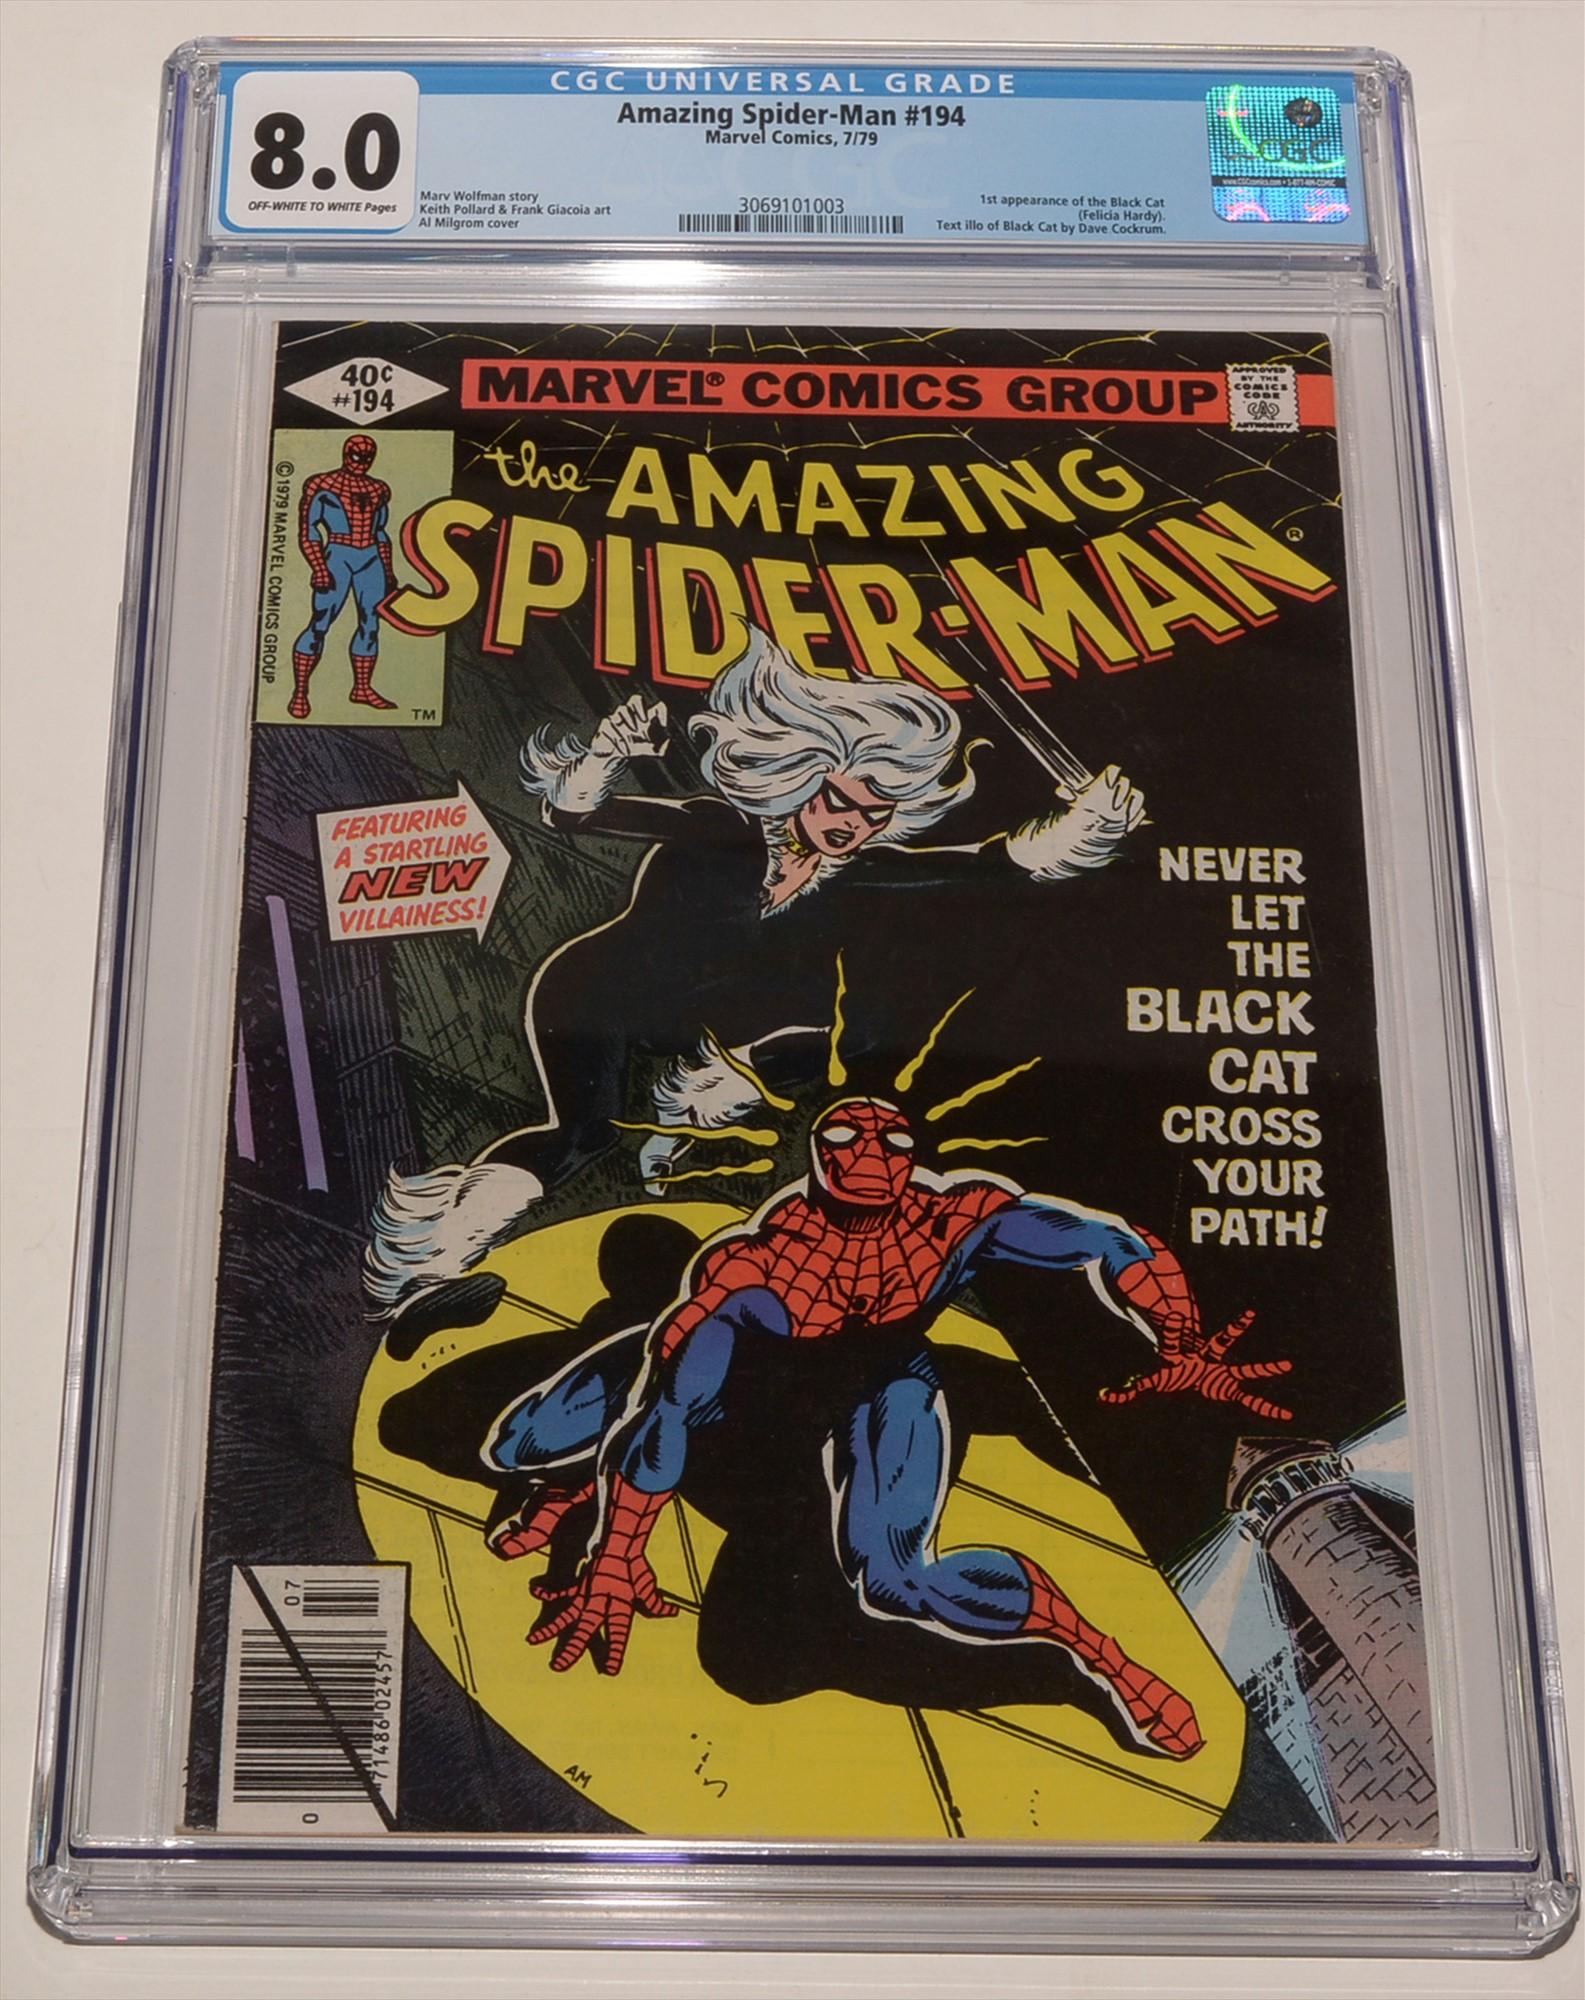 Amazing Spider-Man No. 194